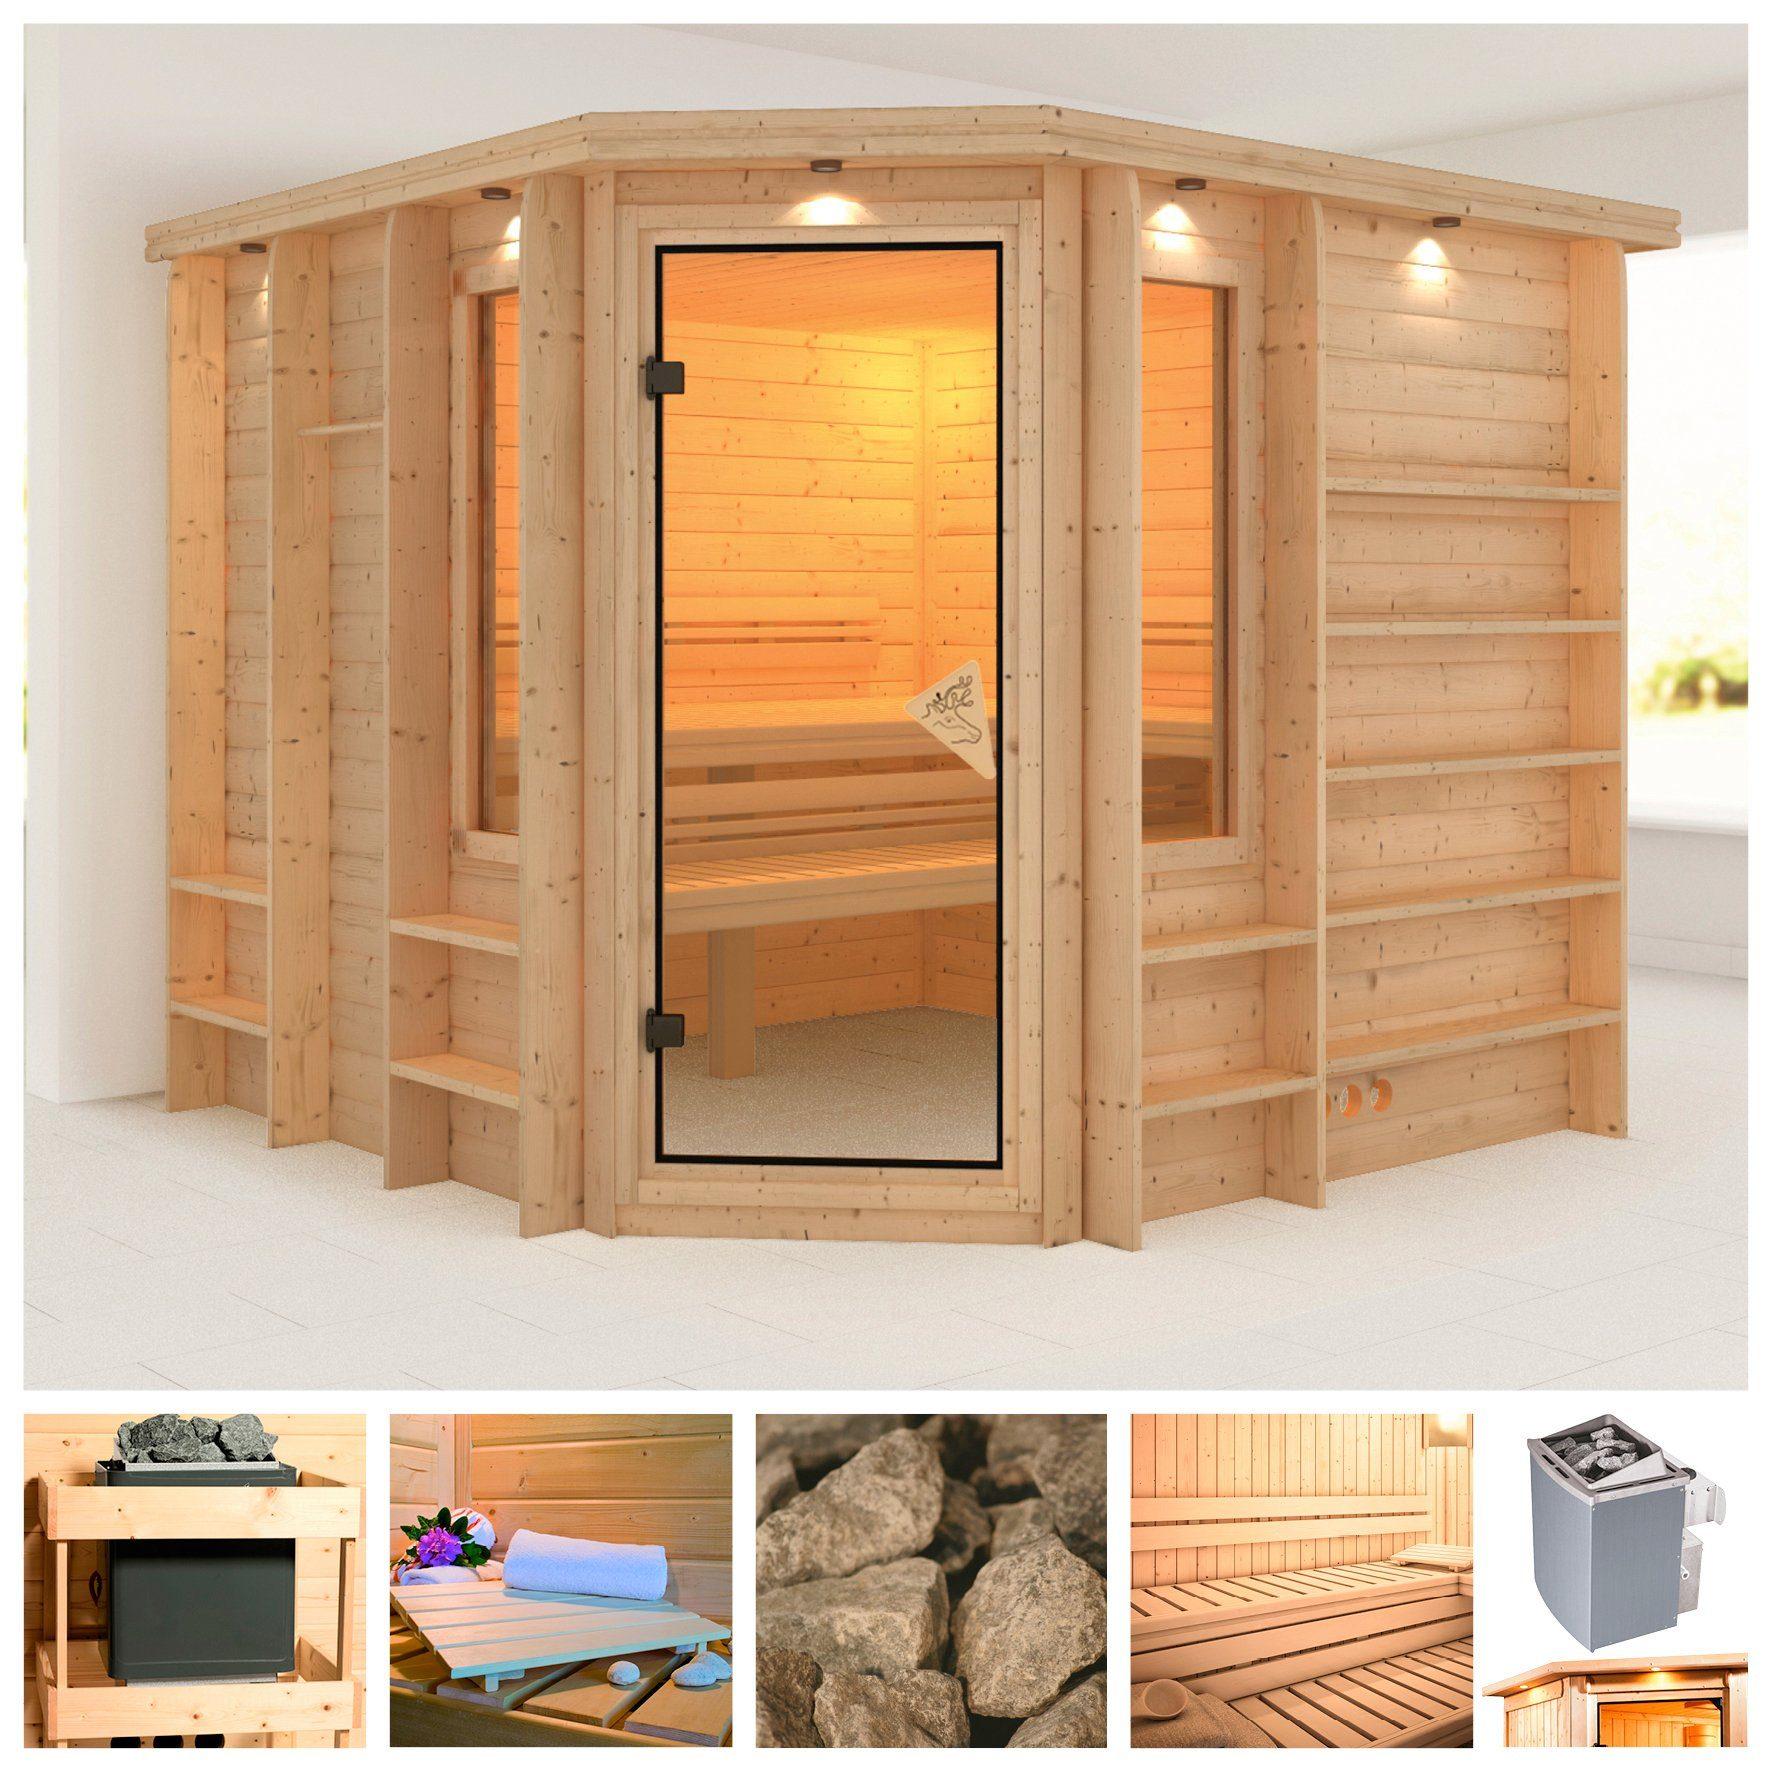 KARIBU Sauna »Marona«, 264/253/253 cm, 40 mm, 9-kW-Ofen mit int. Steuerung